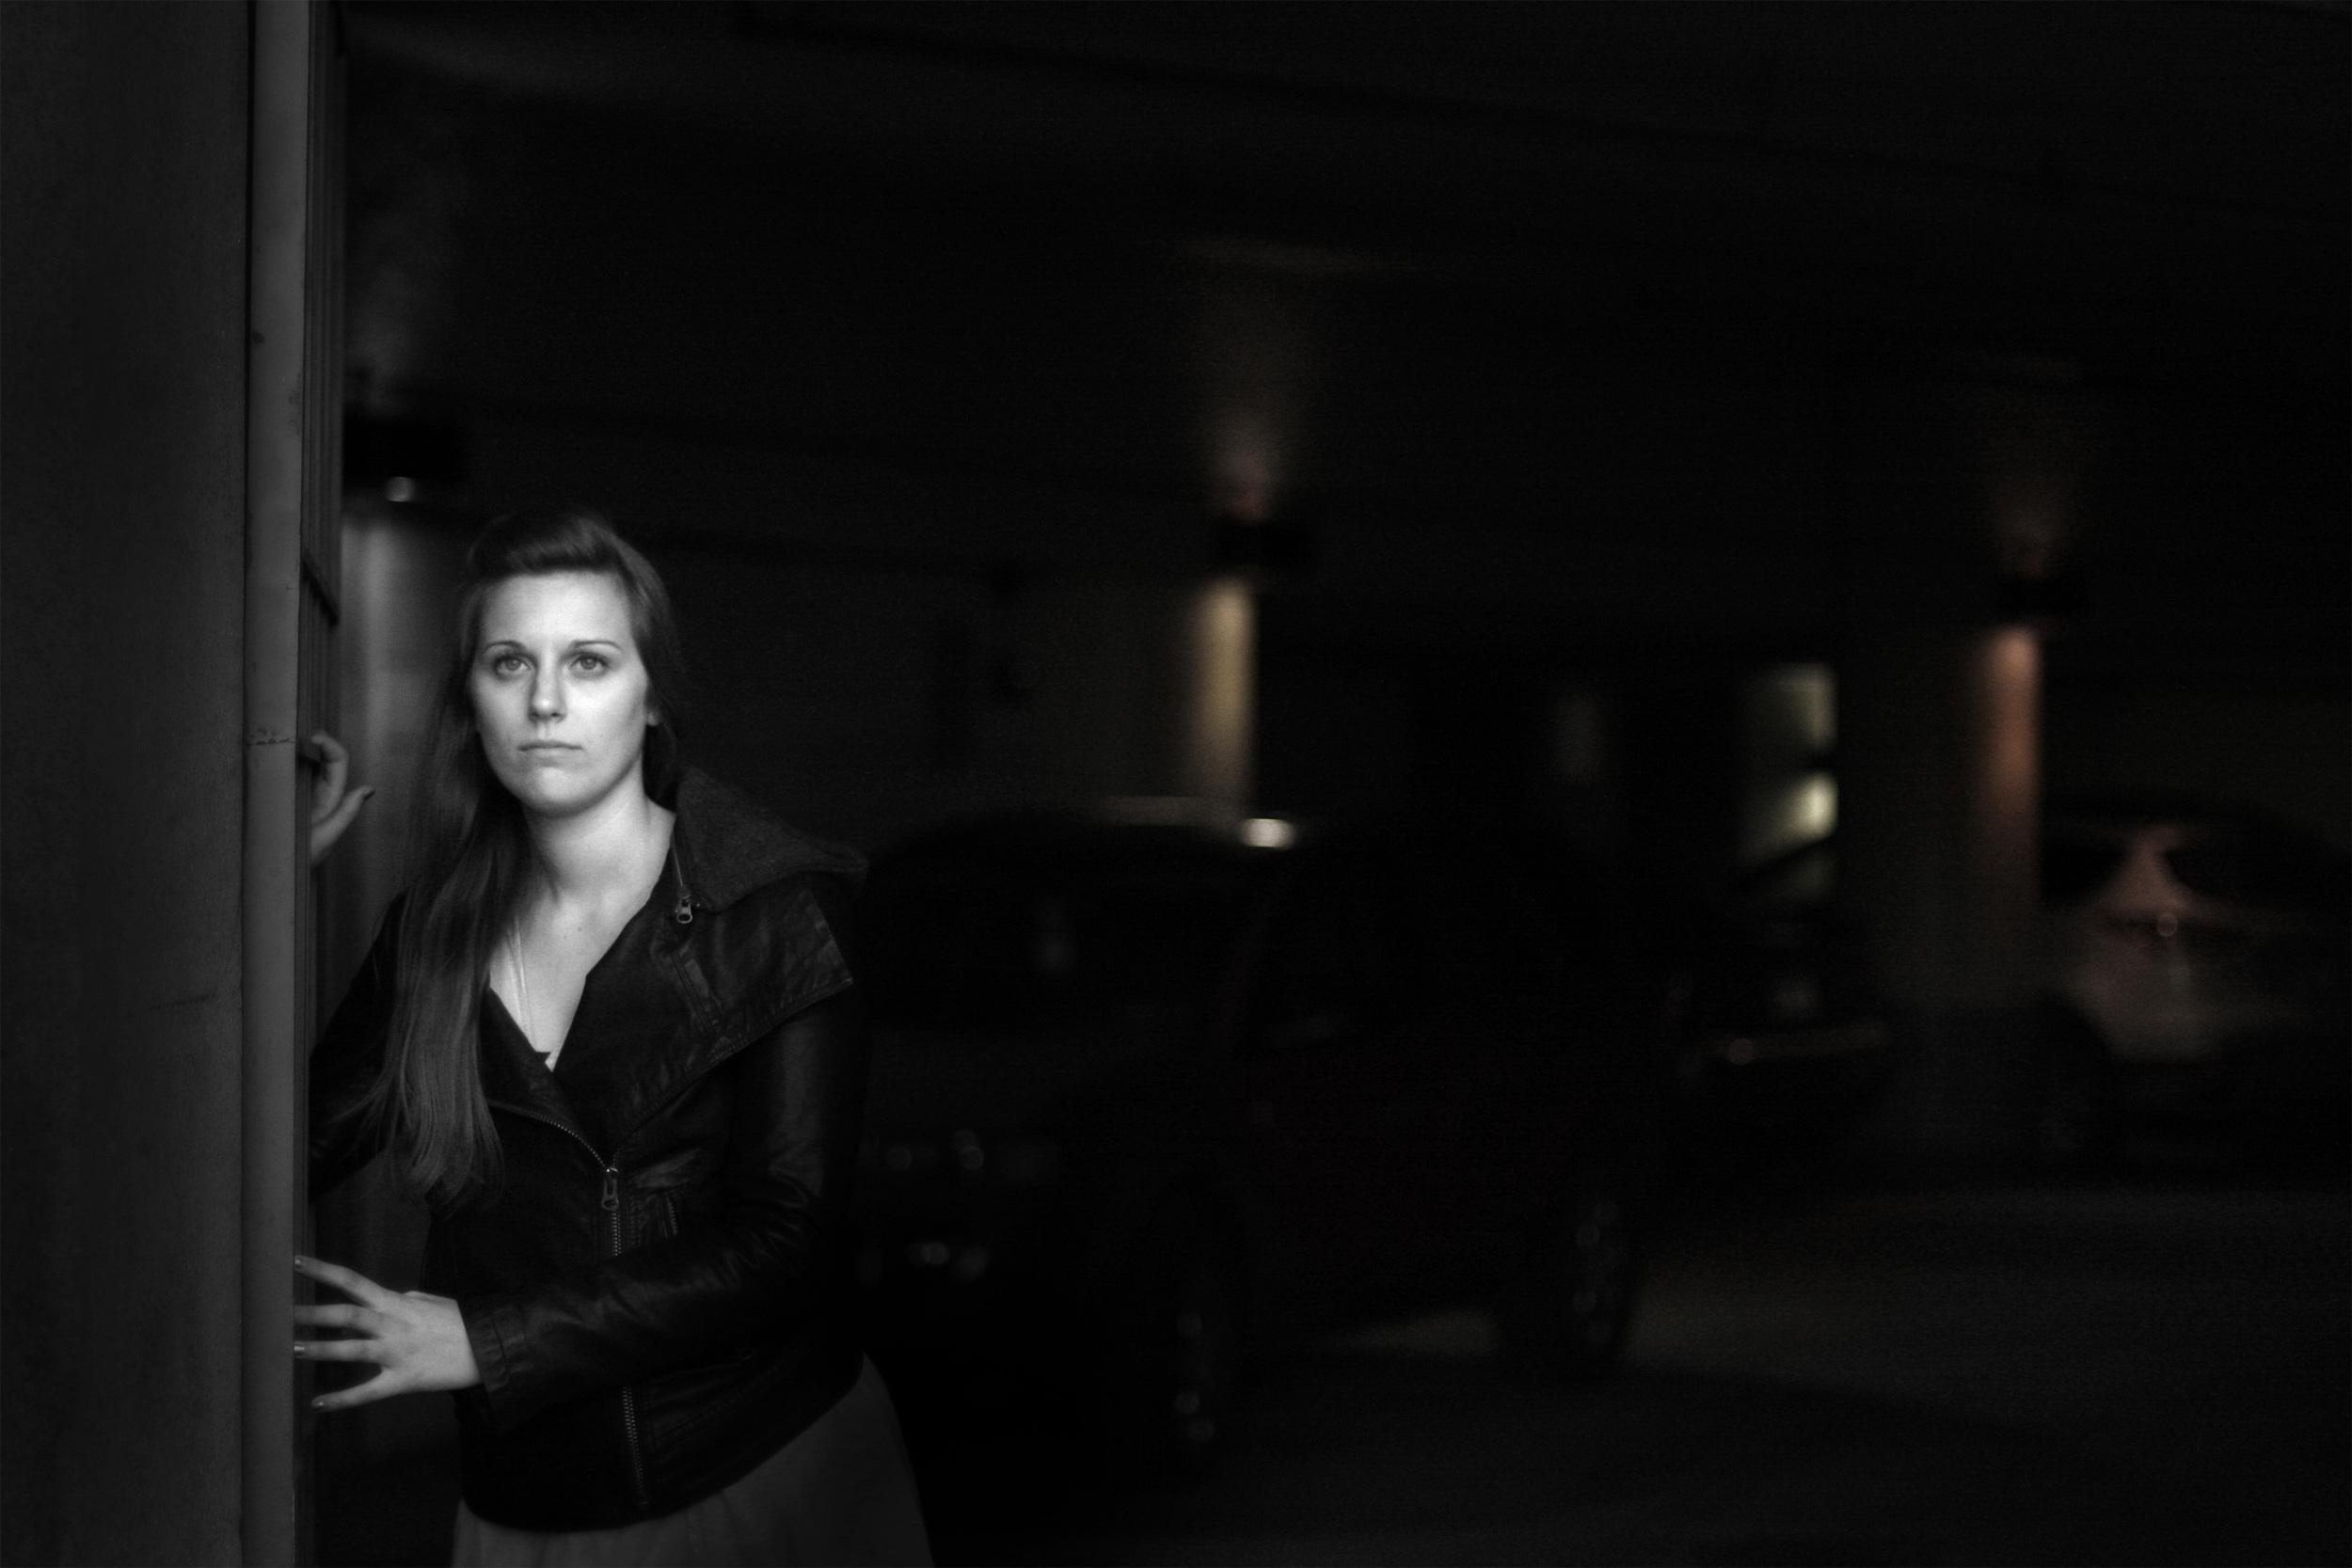 Lindsey Meekhof as the femme fatale.